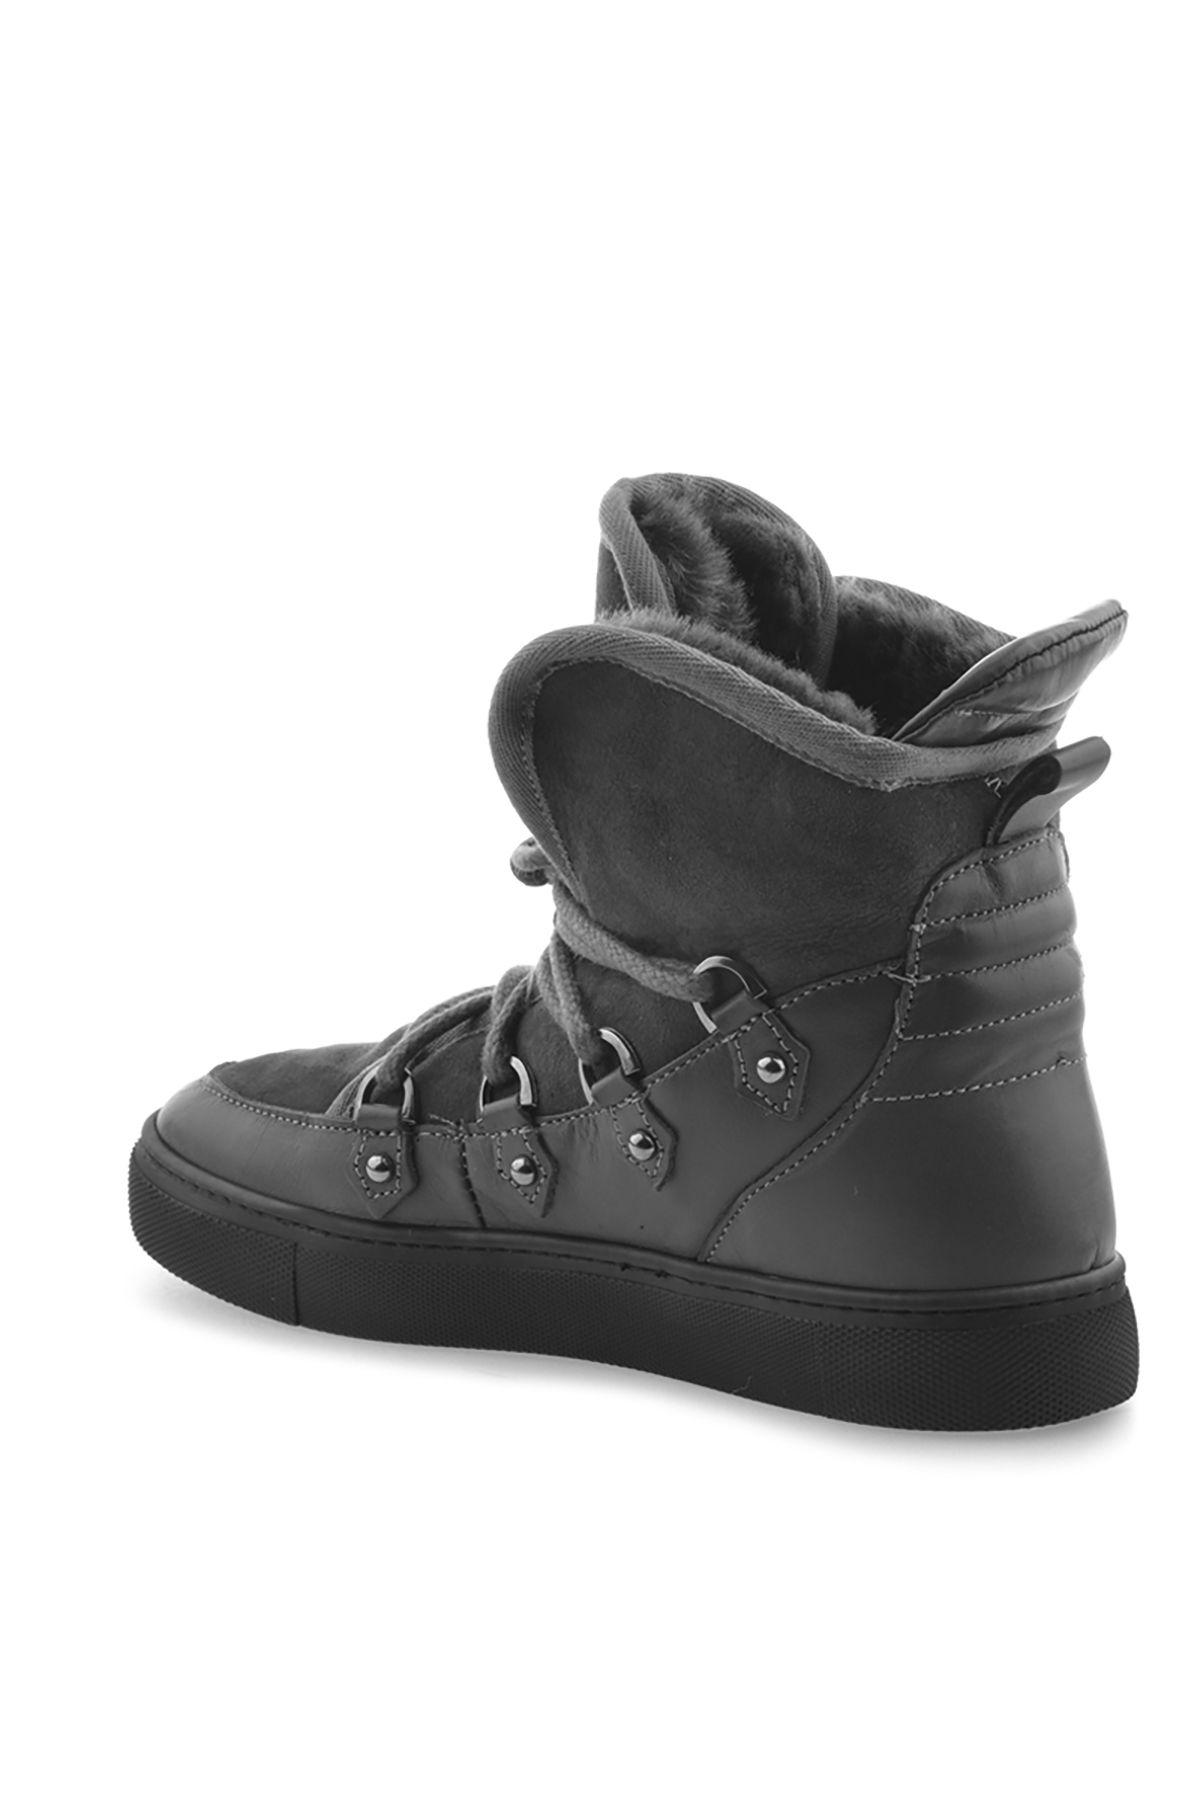 Pegia Hakiki Deri İçi Kürklü Bayan Sneaker Bot 157612 Gri